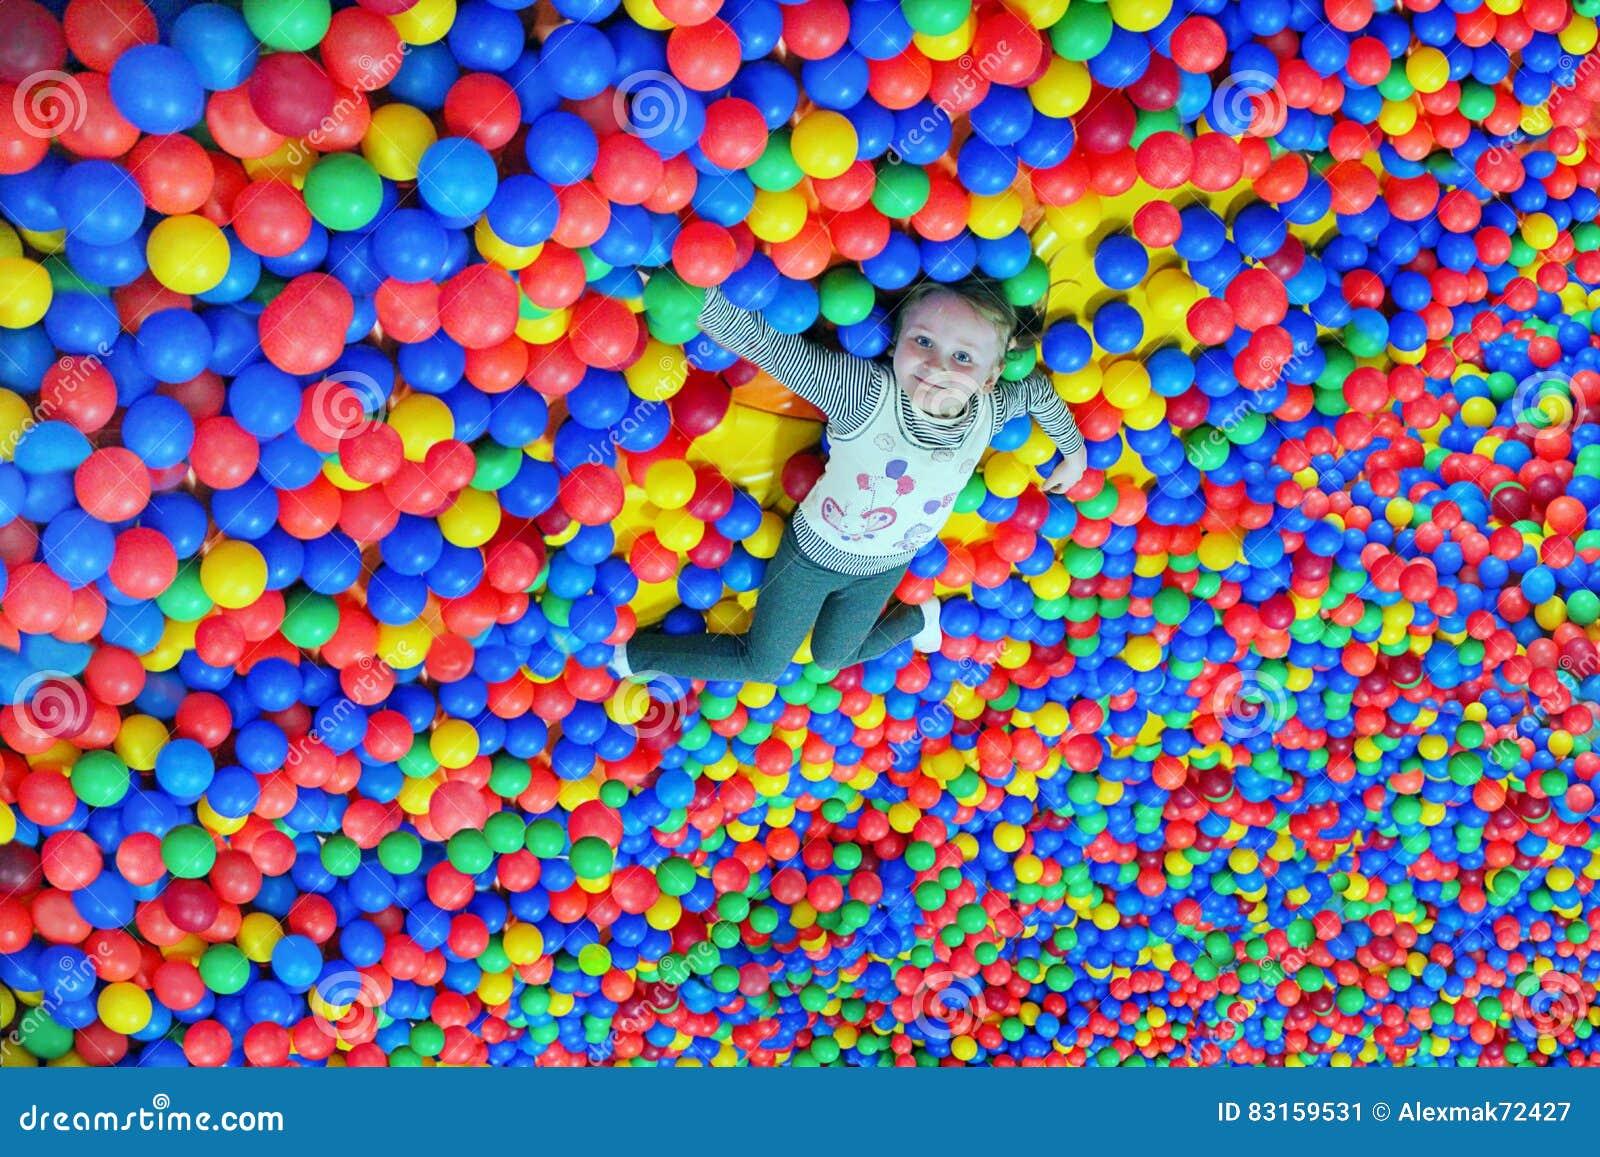 愉快的小女孩在多彩多姿的小球大堆放置